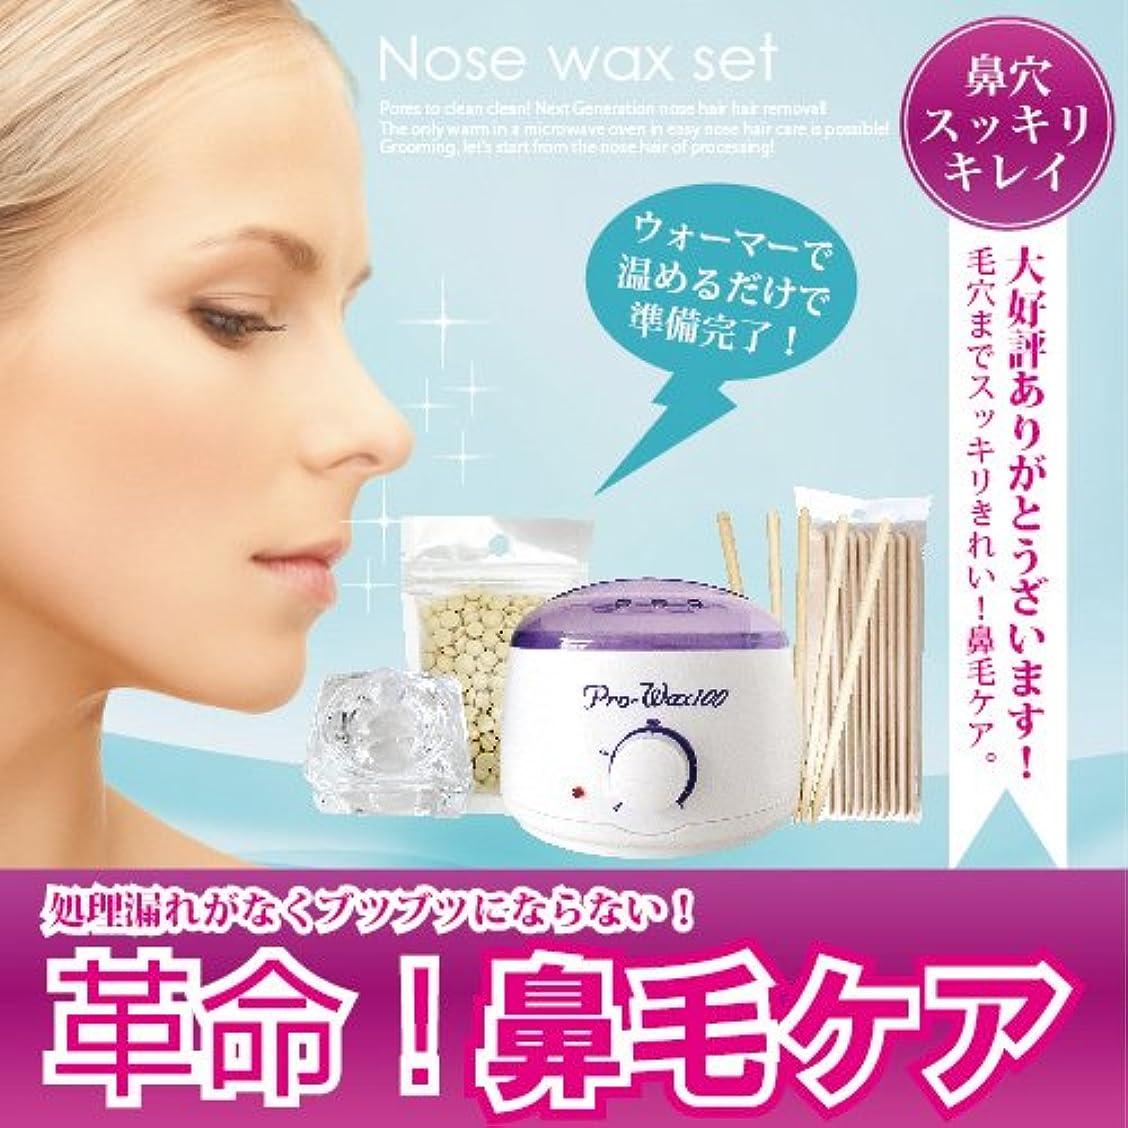 眠り練習雑品ブラジリアンワックス Nose wax setウォーマー付ノーズワックス鼻毛ケアセット(約12回分)